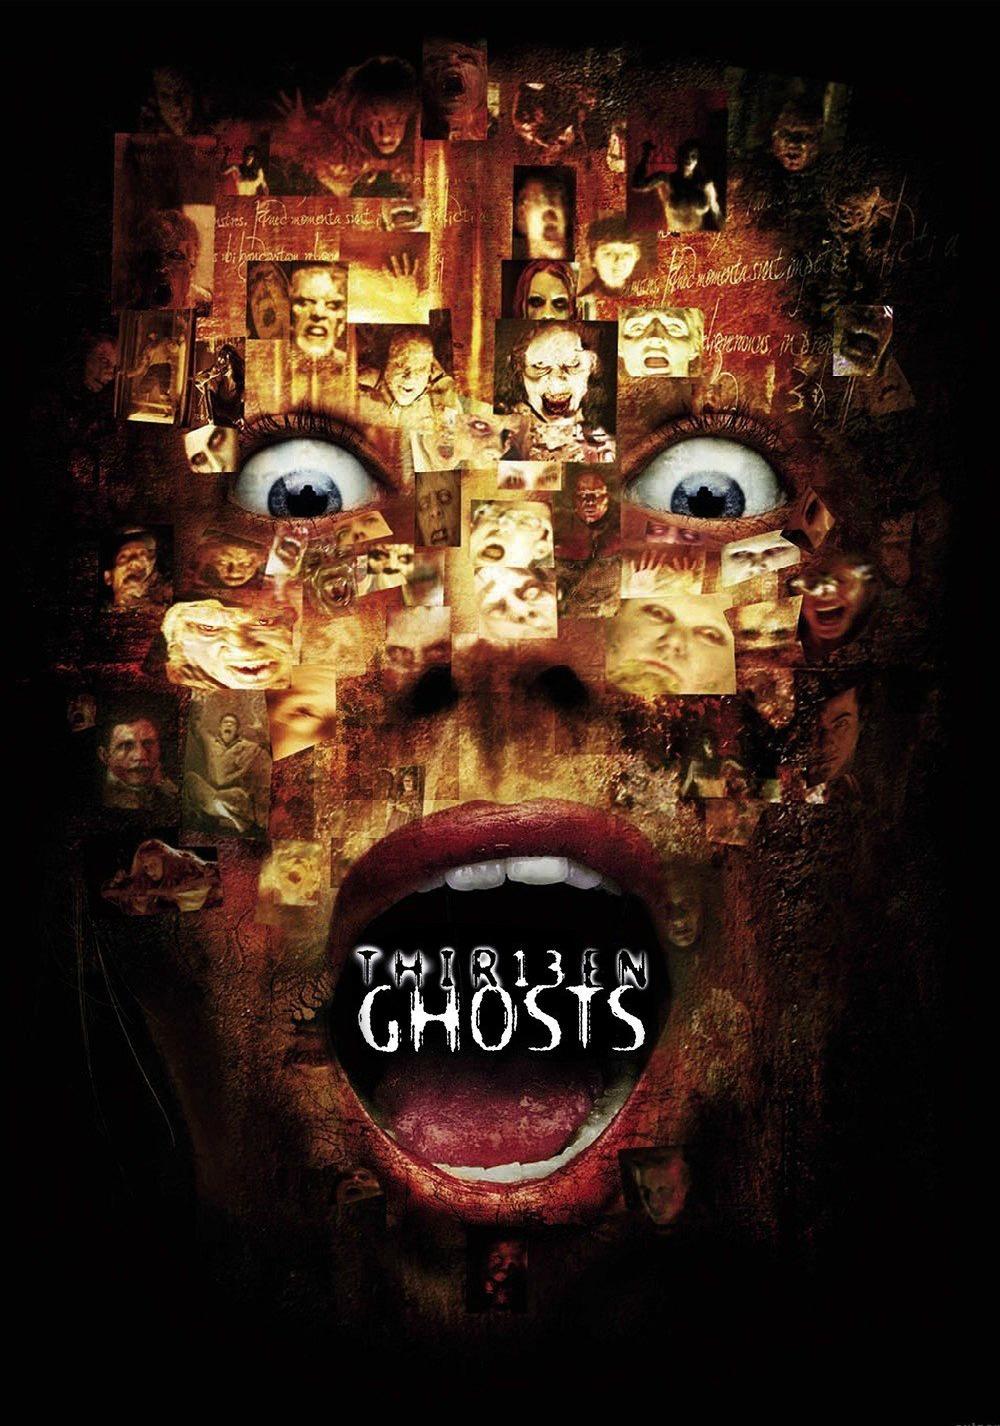 THIR13EN GHOSTS (2001) TAMIL DUBBED HD